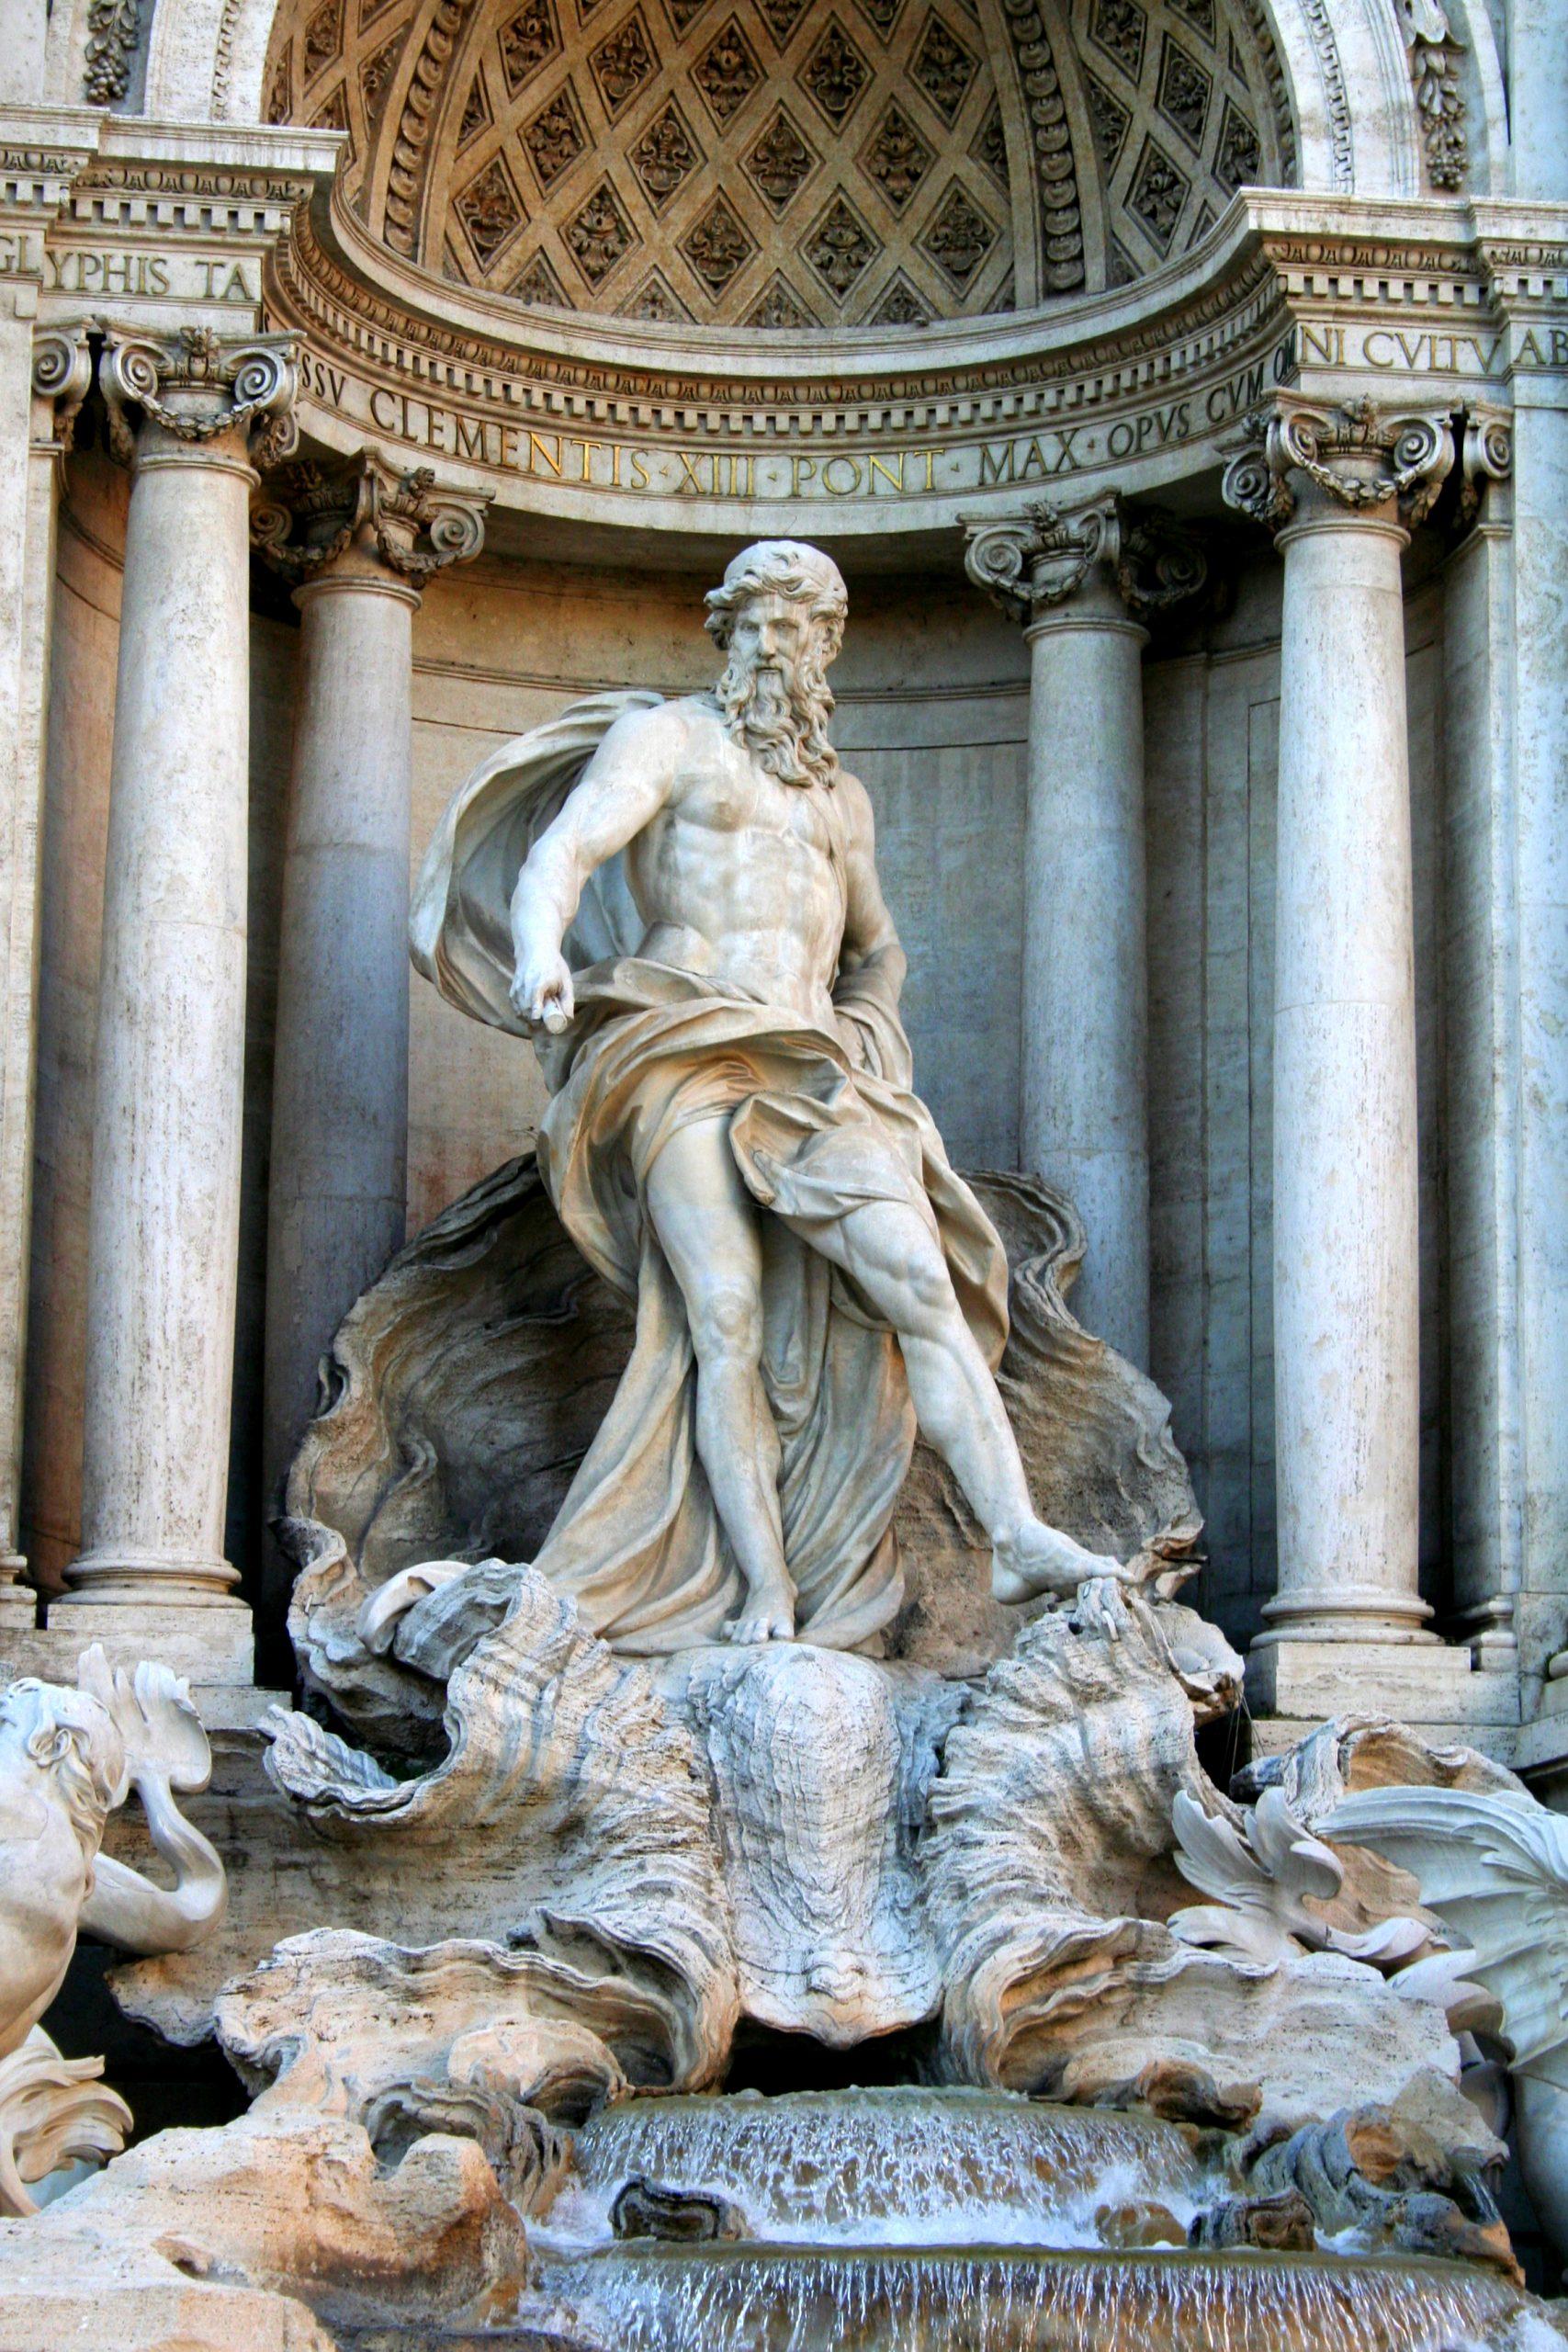 2007, Trevi Fountain, Rome, Italy